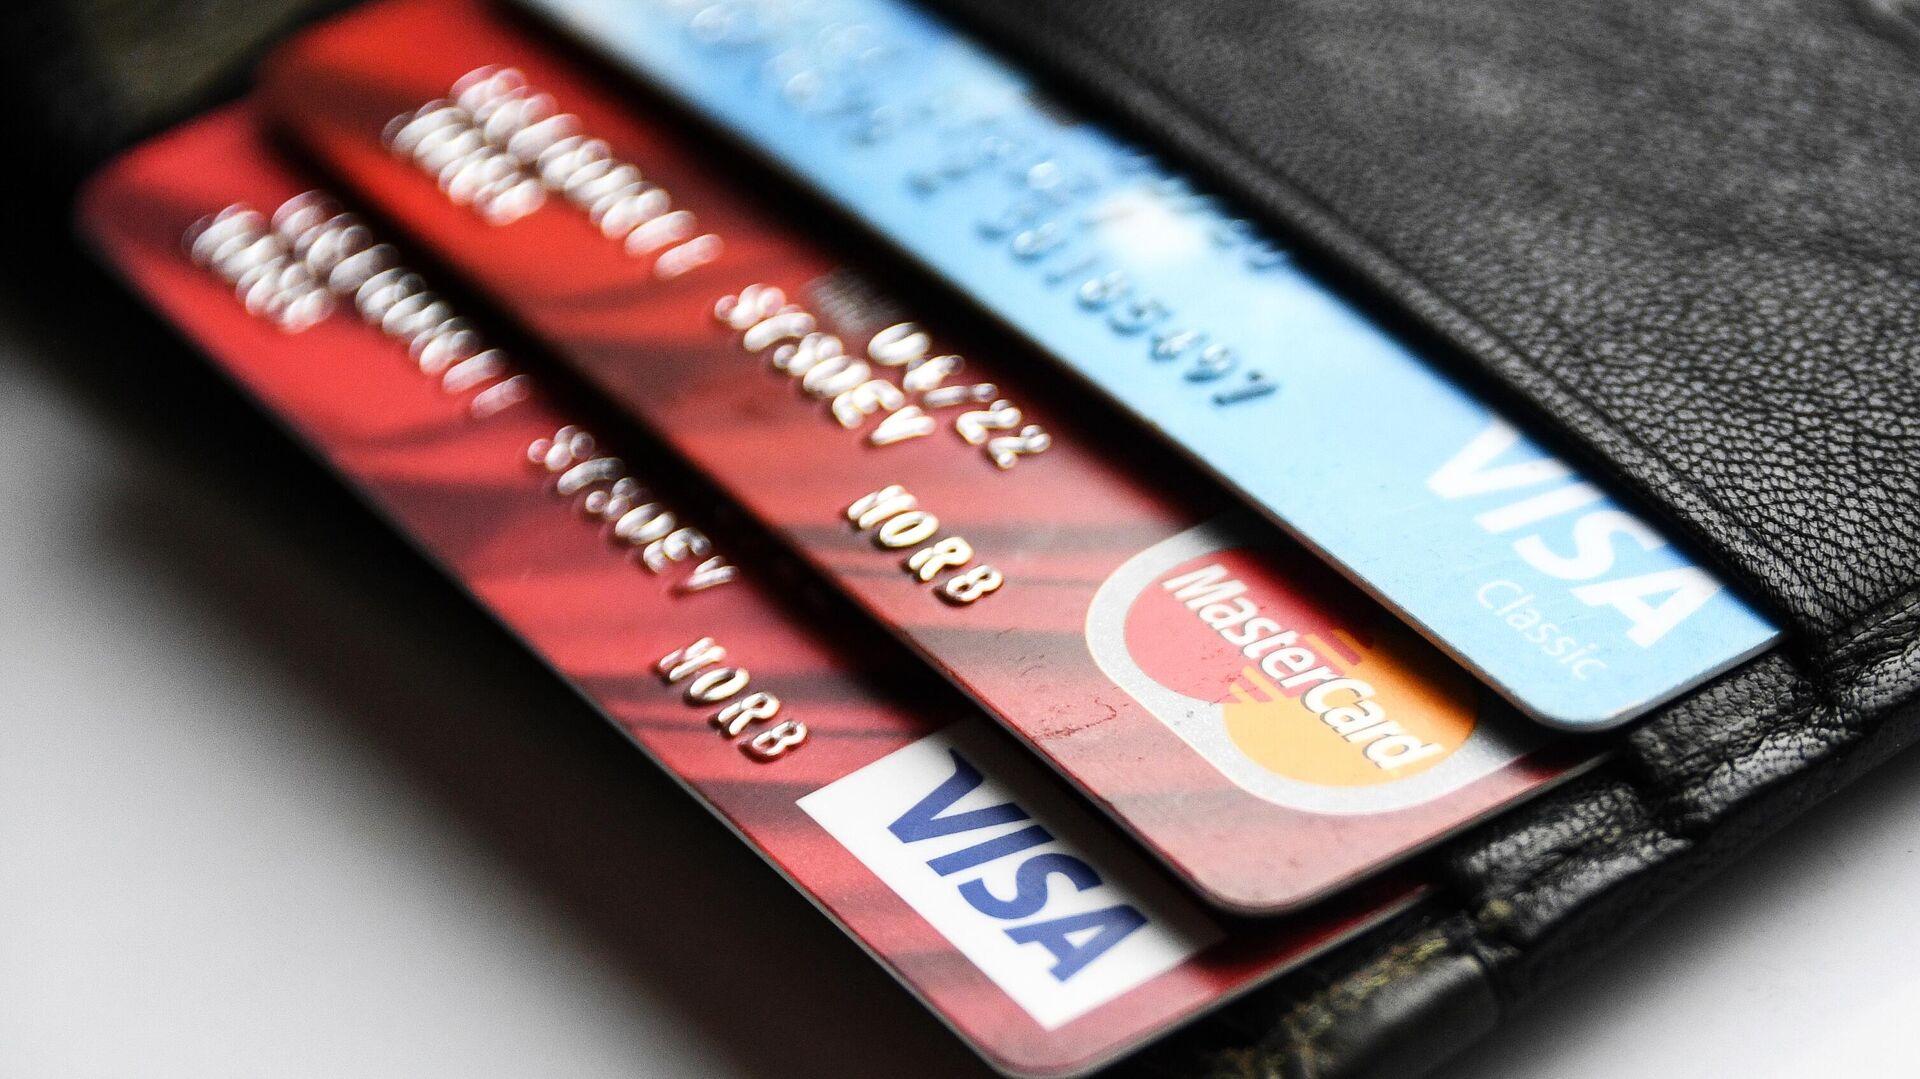 Банковские карты международных платежных систем VISA и MasterCard - РИА Новости, 1920, 06.05.2021